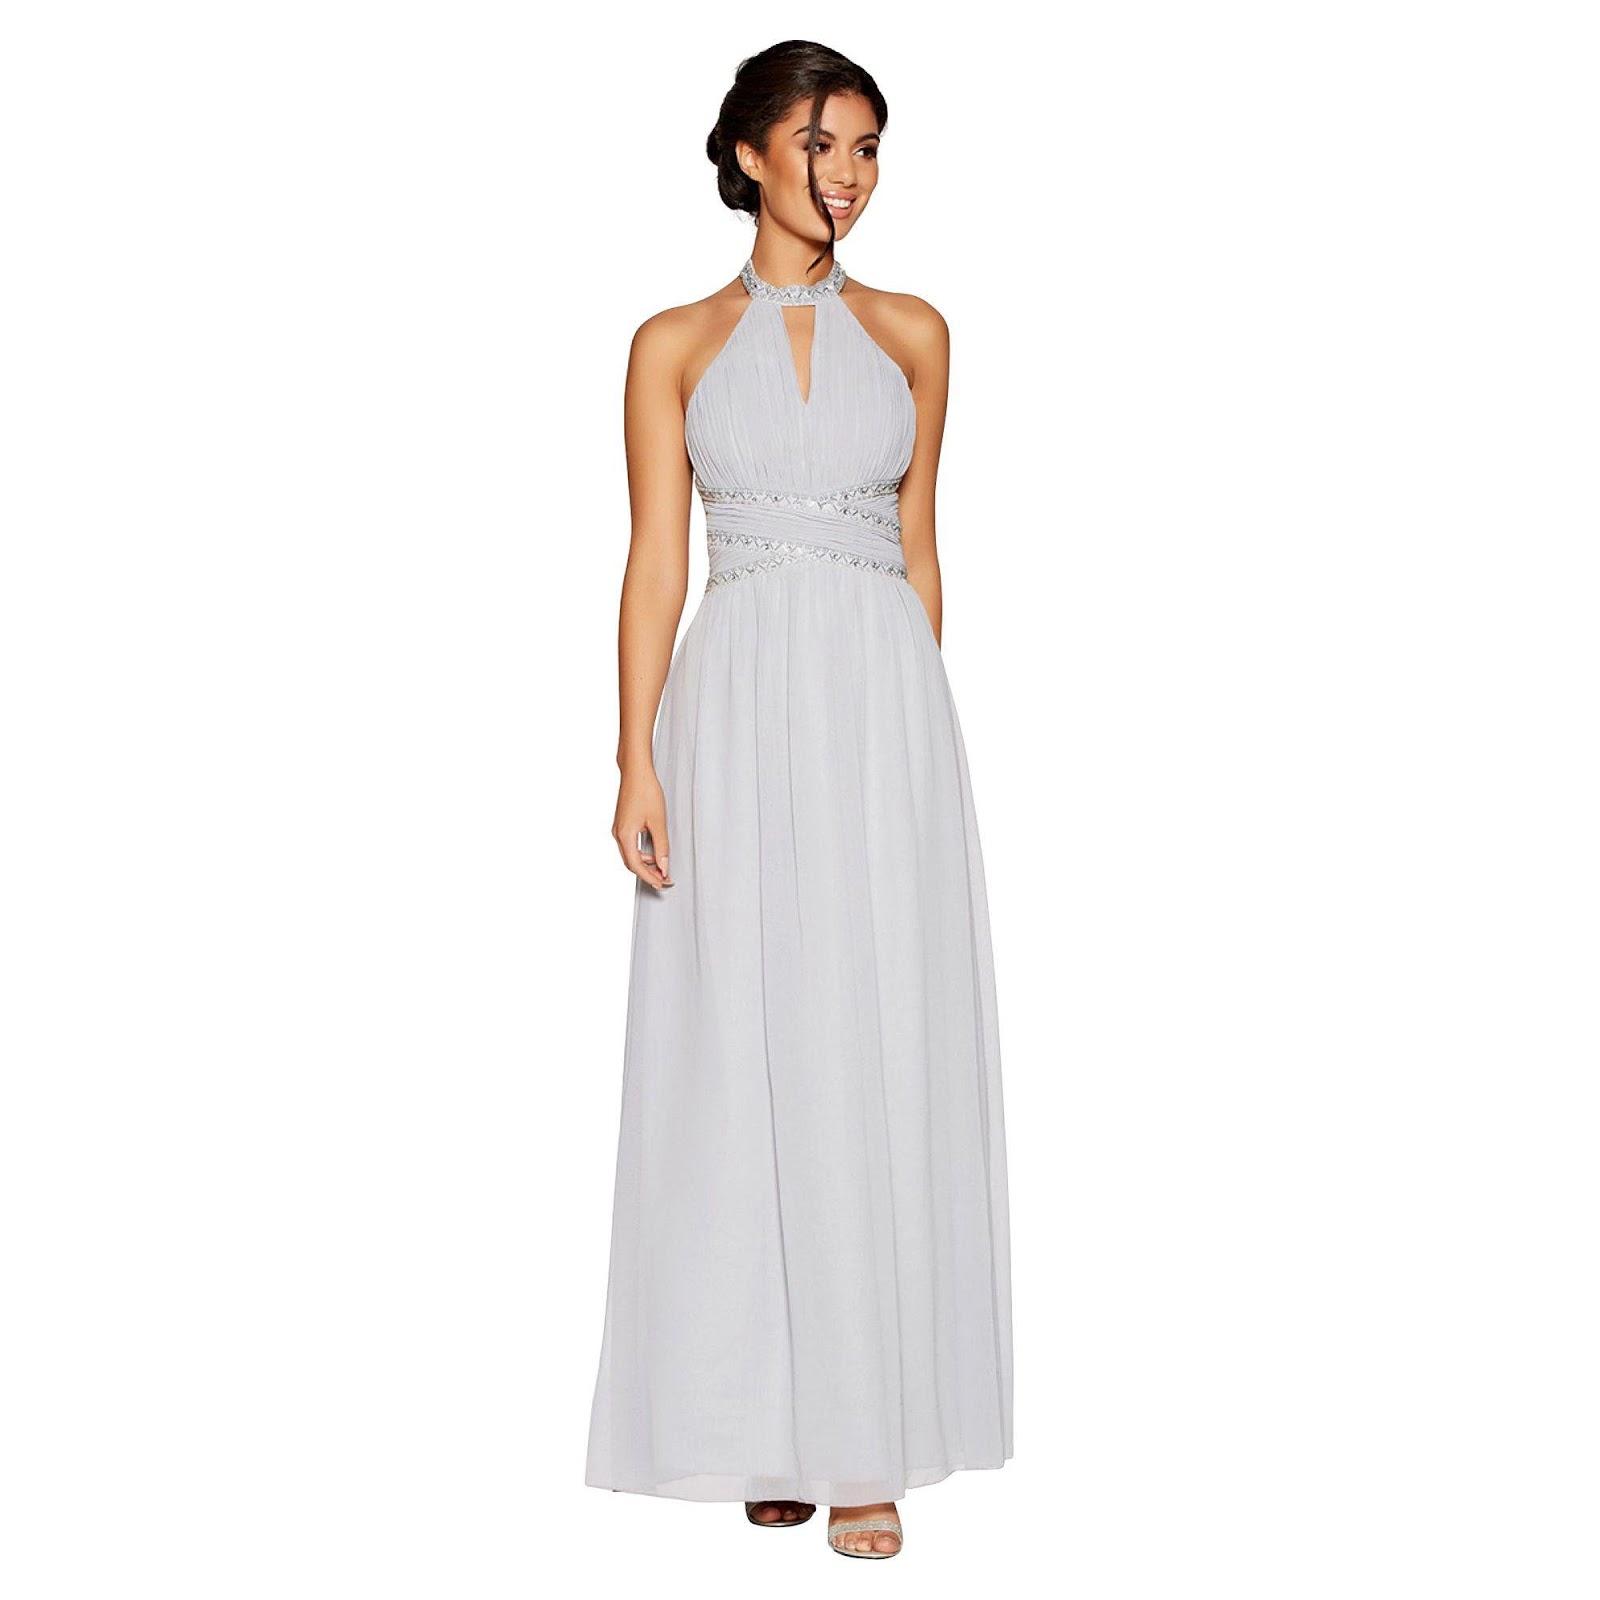 Embellished wedding dress for guest